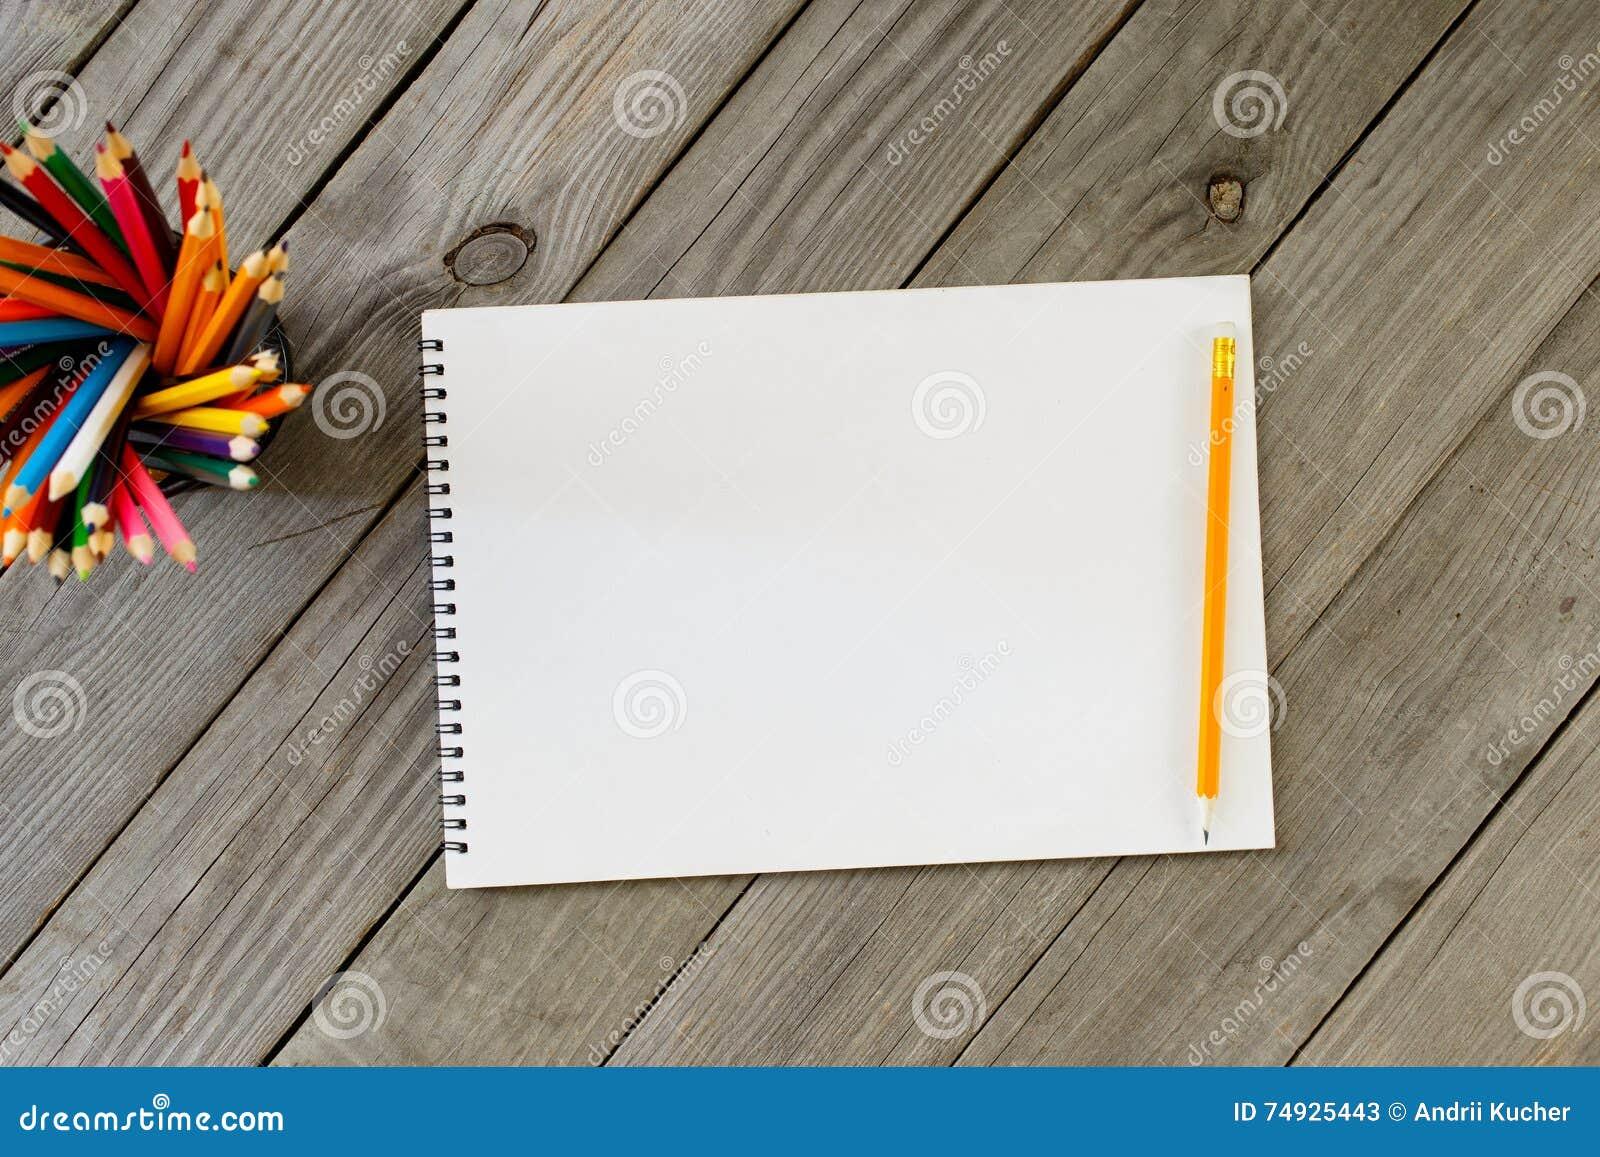 Σημειωματάριο με τις κενές σελίδες και τα χρωματισμένα μολύβια